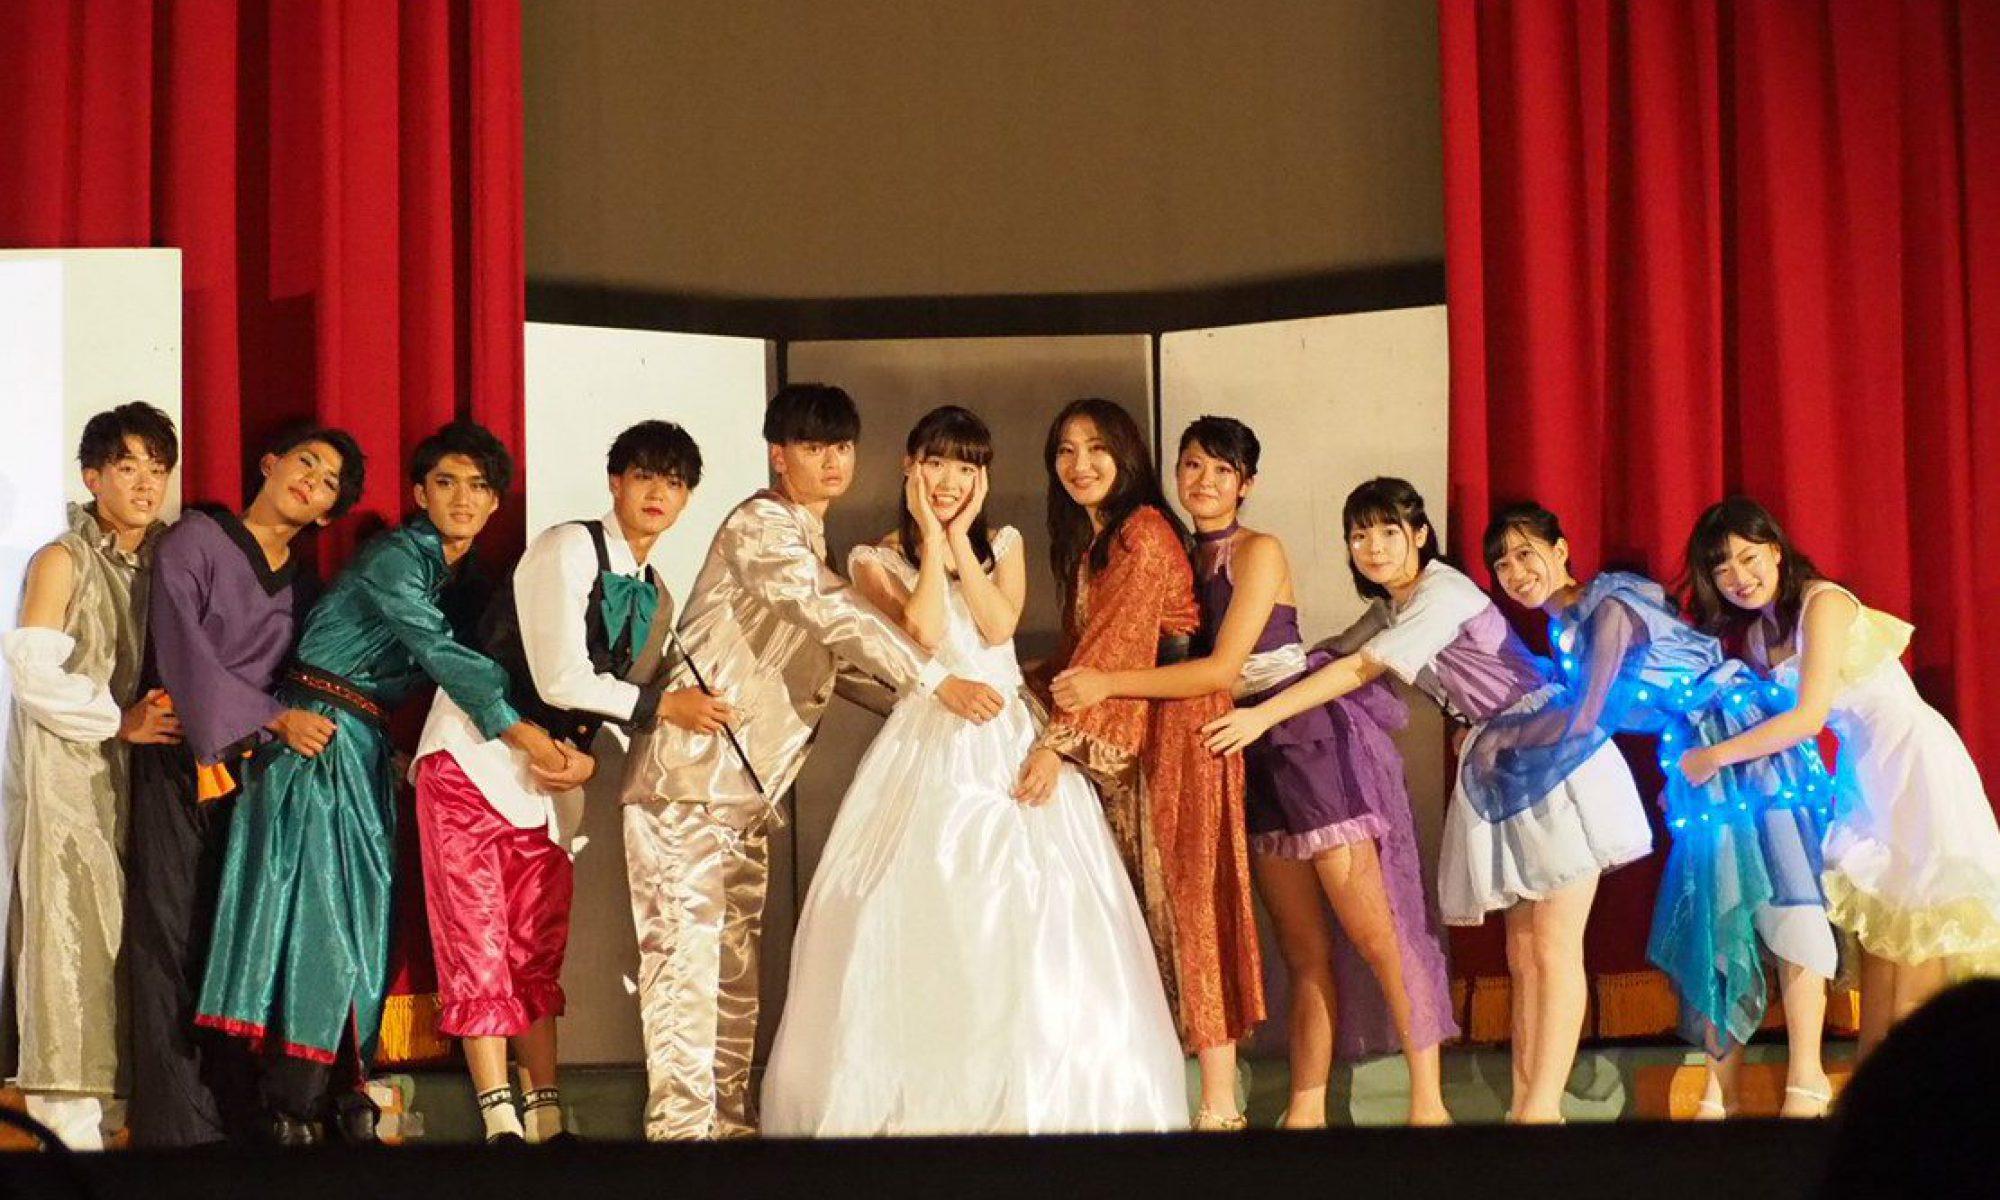 東京都立石神井高等学校    Shakujii High School